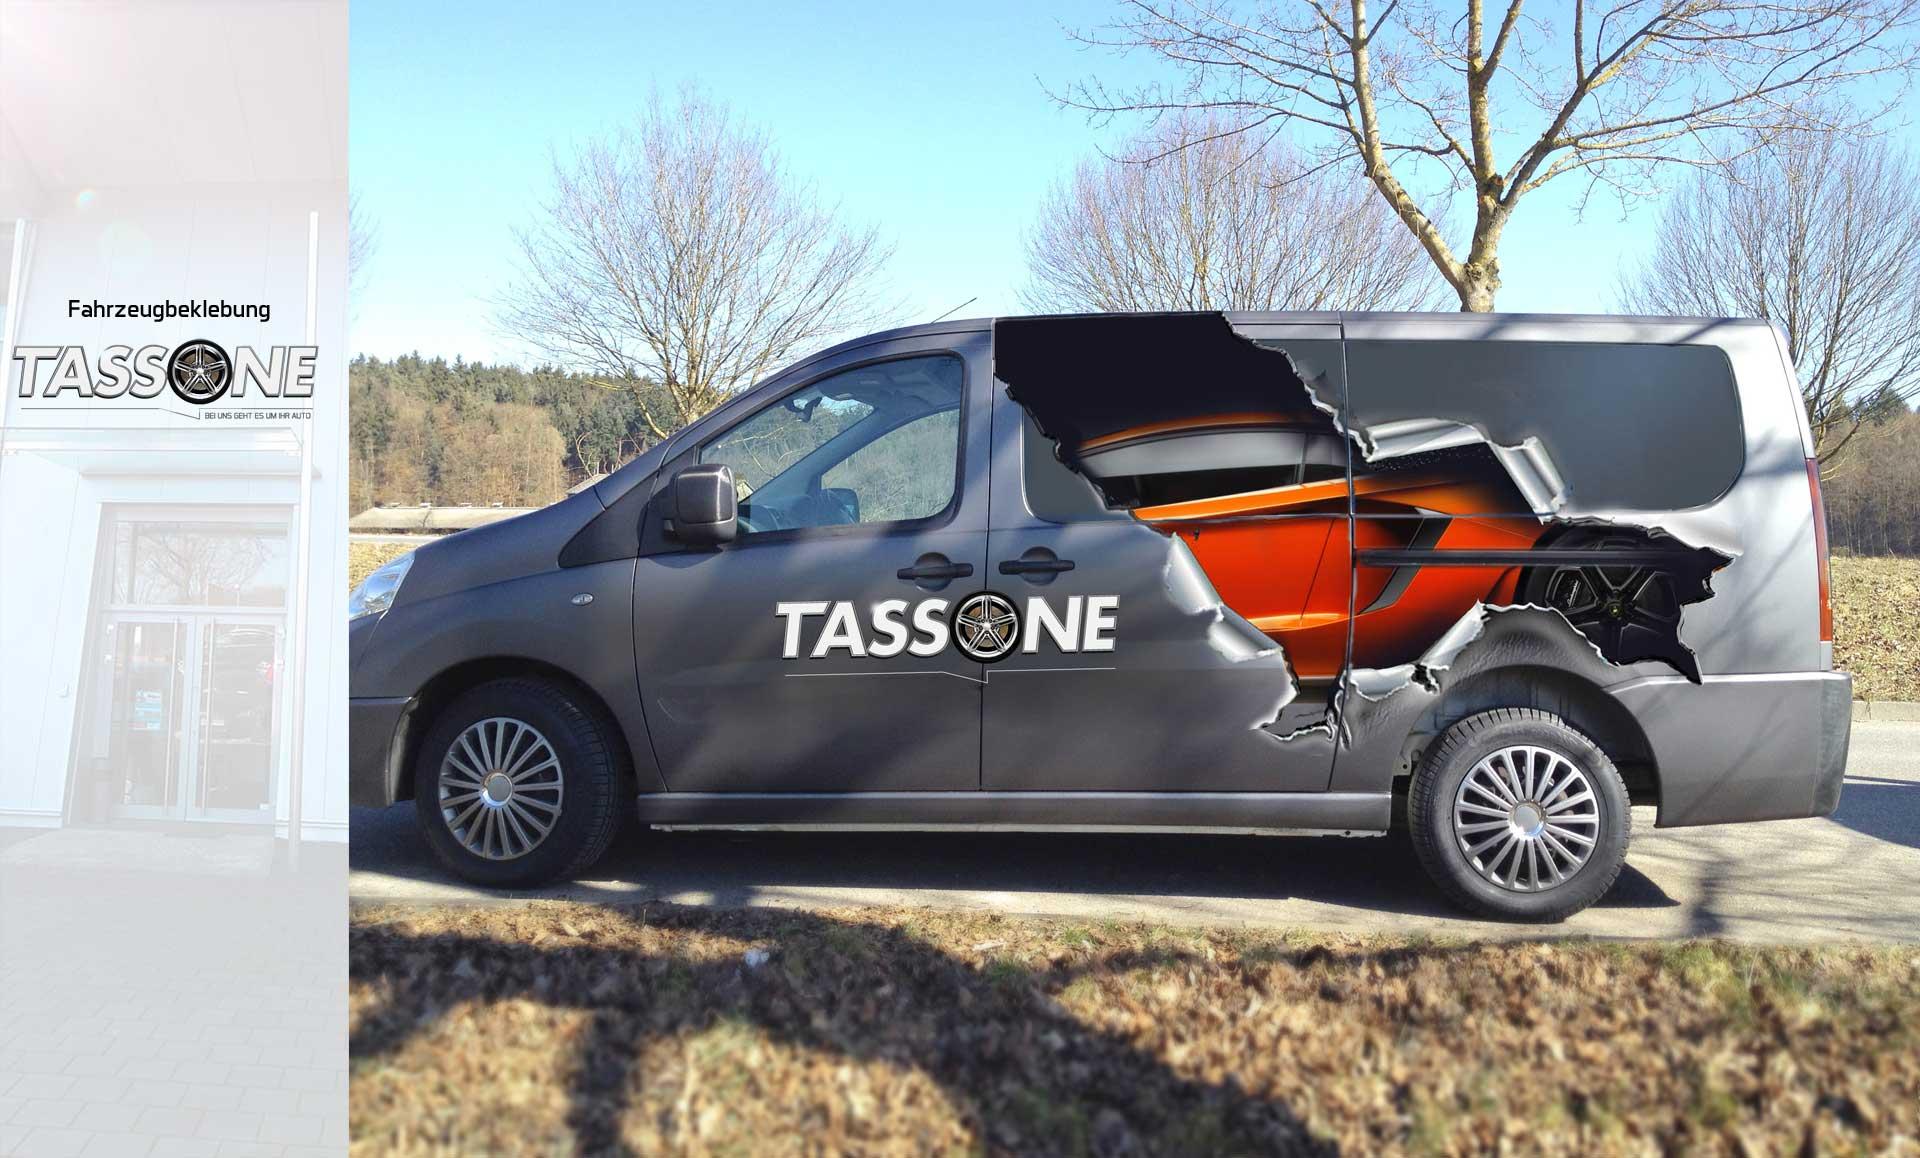 Fahrzeugbeklebung für Tassone